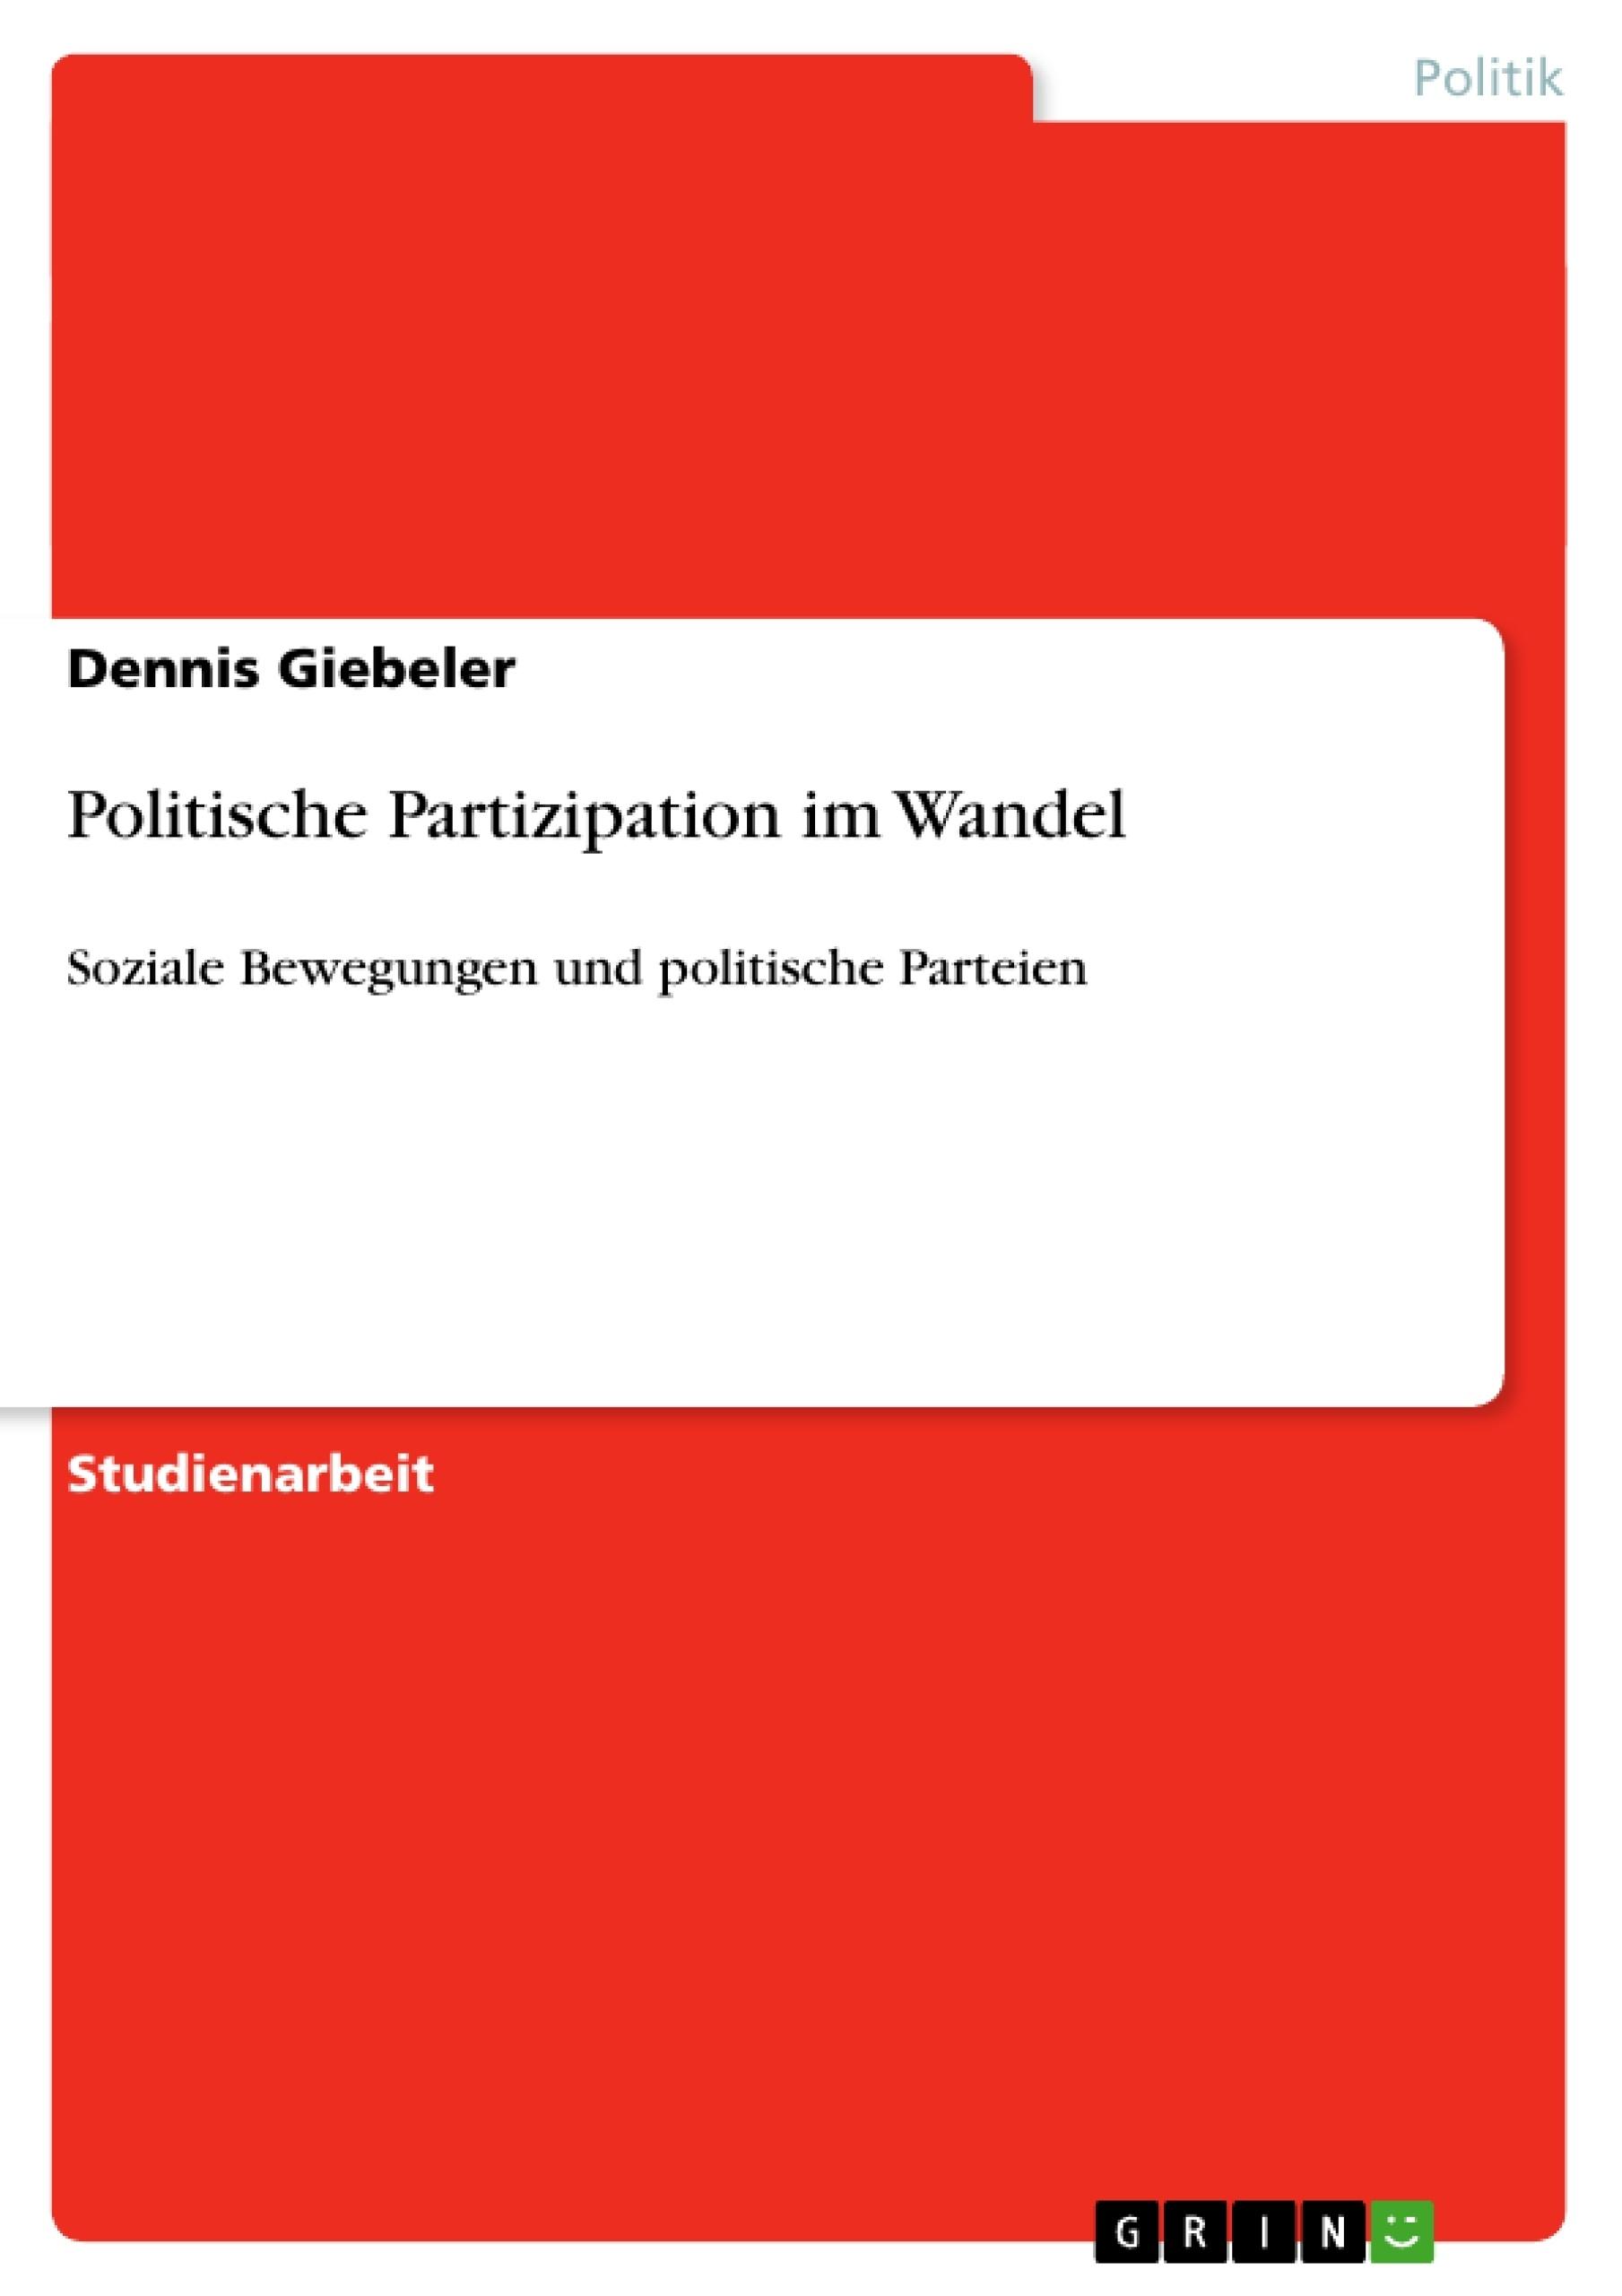 Titel: Politische Partizipation im Wandel